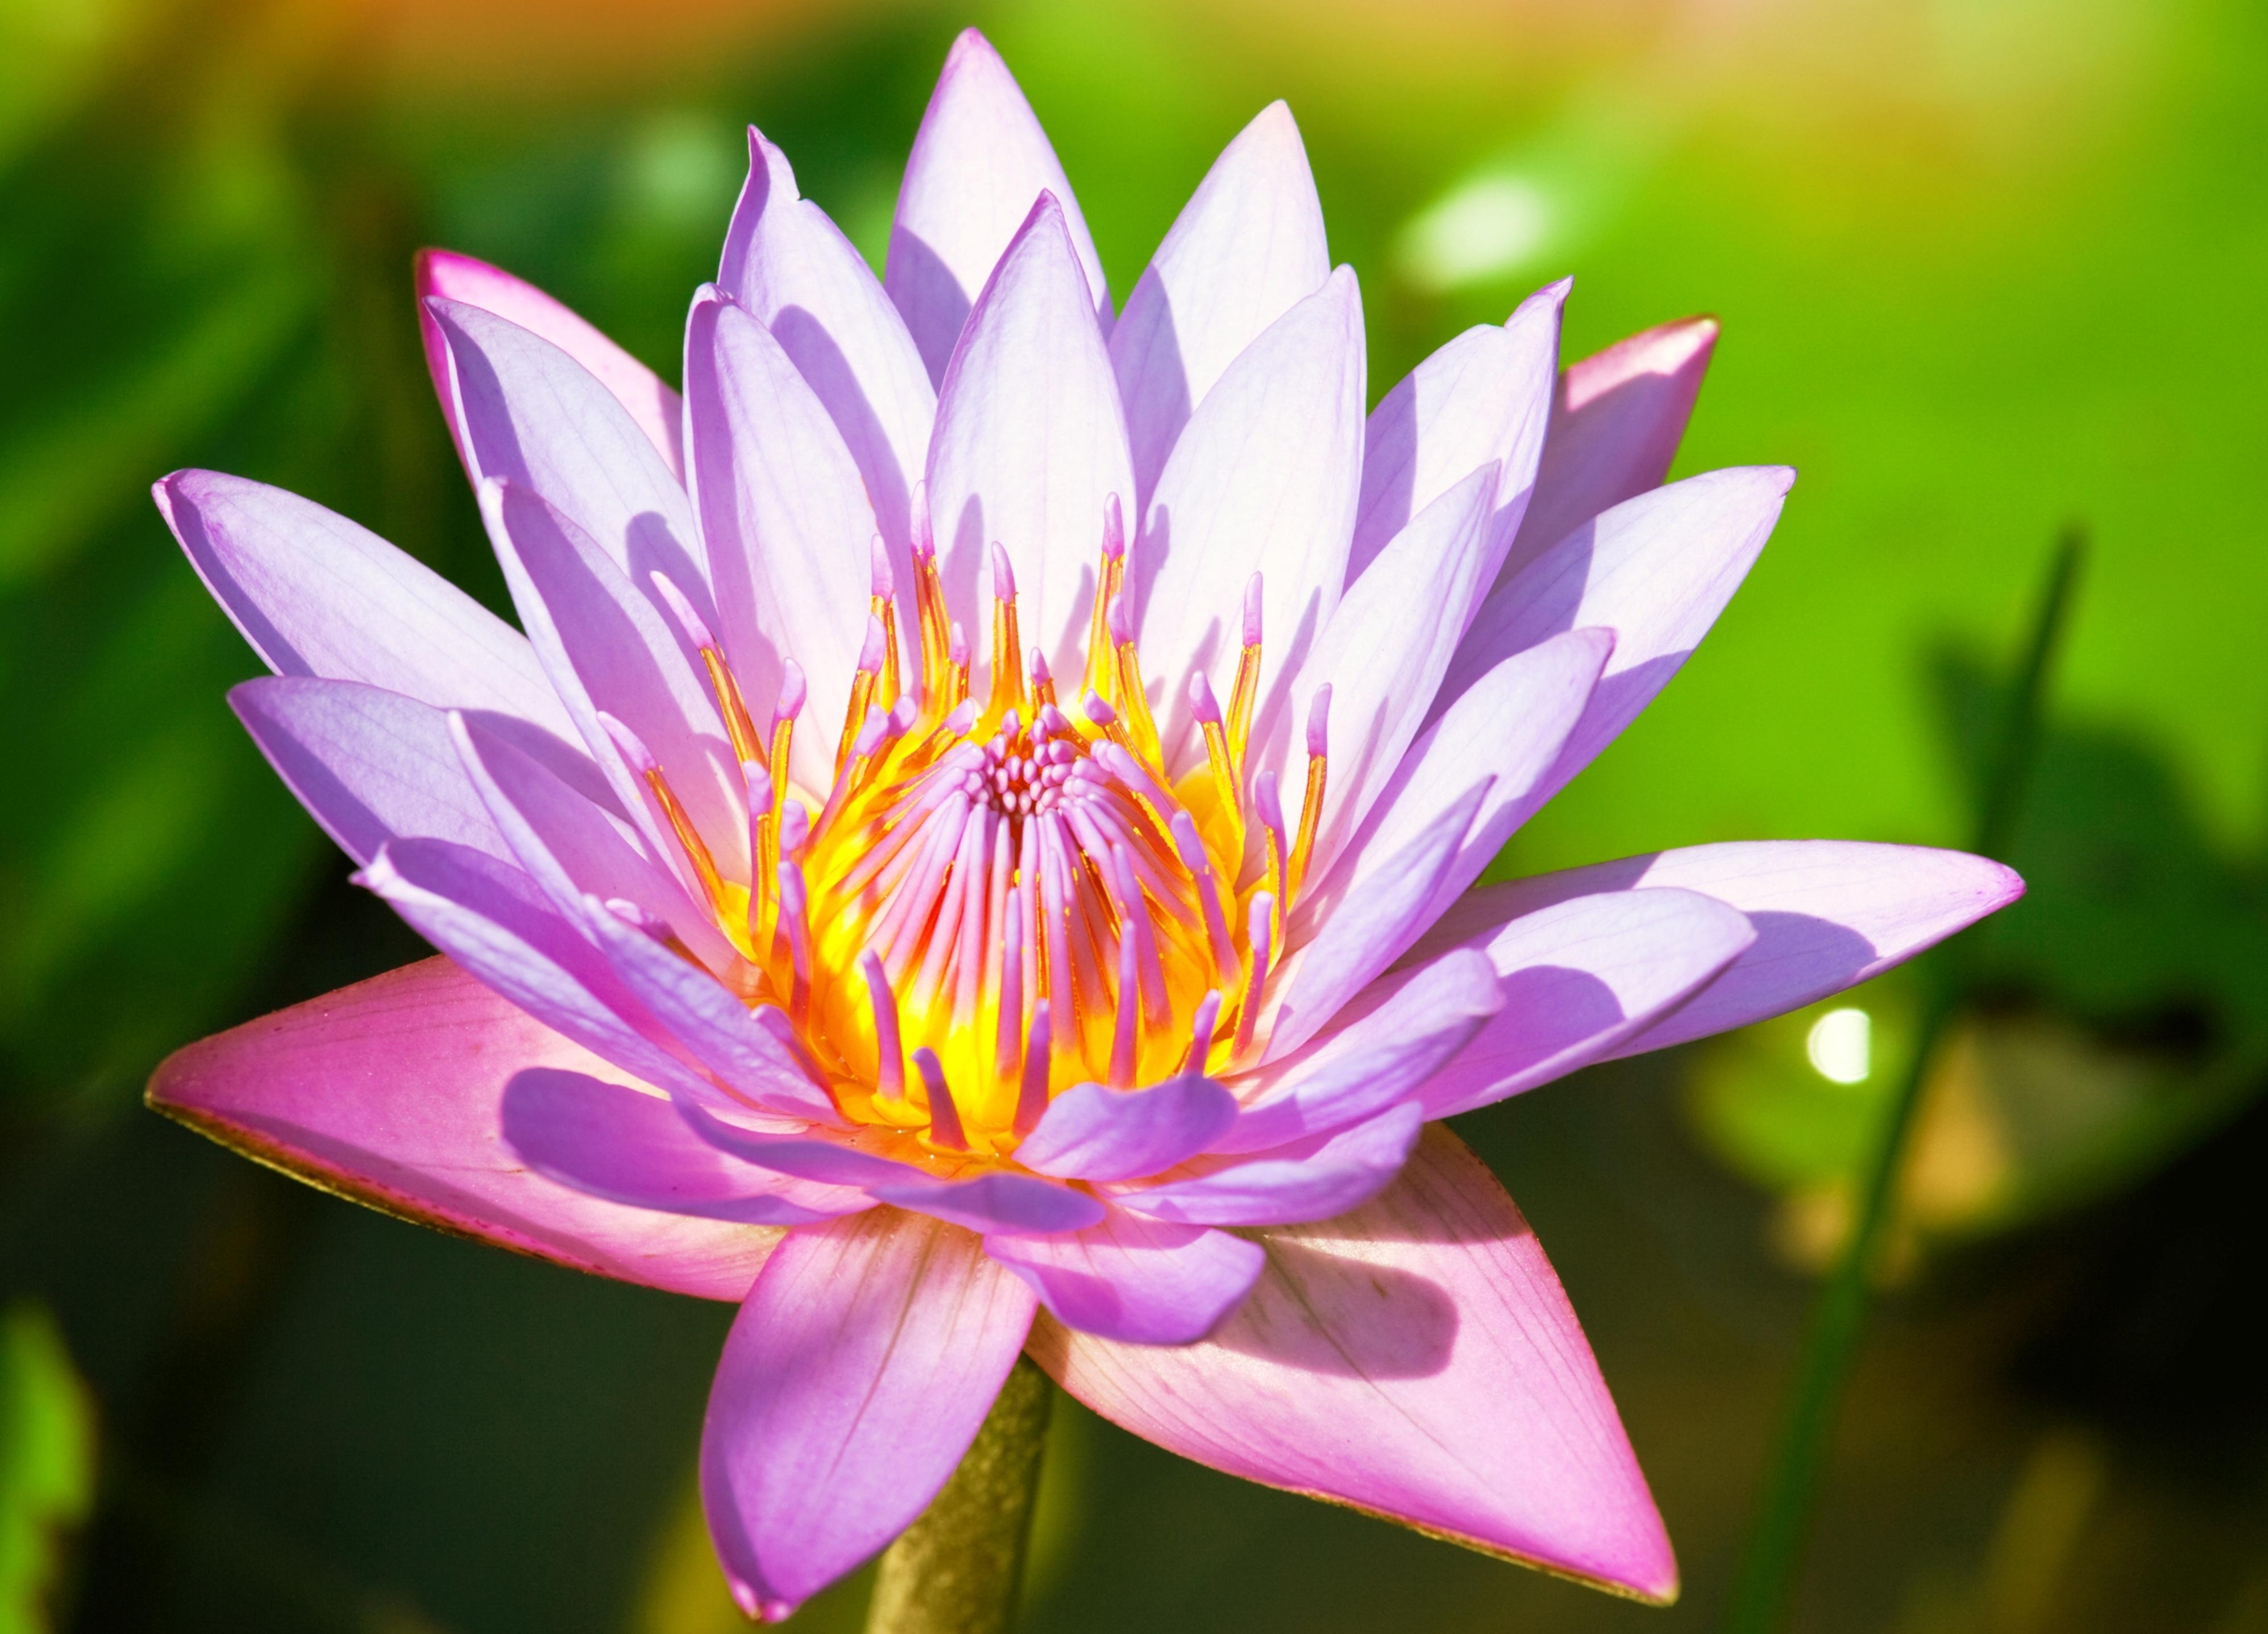 лилии цветы макро  № 2916841 загрузить